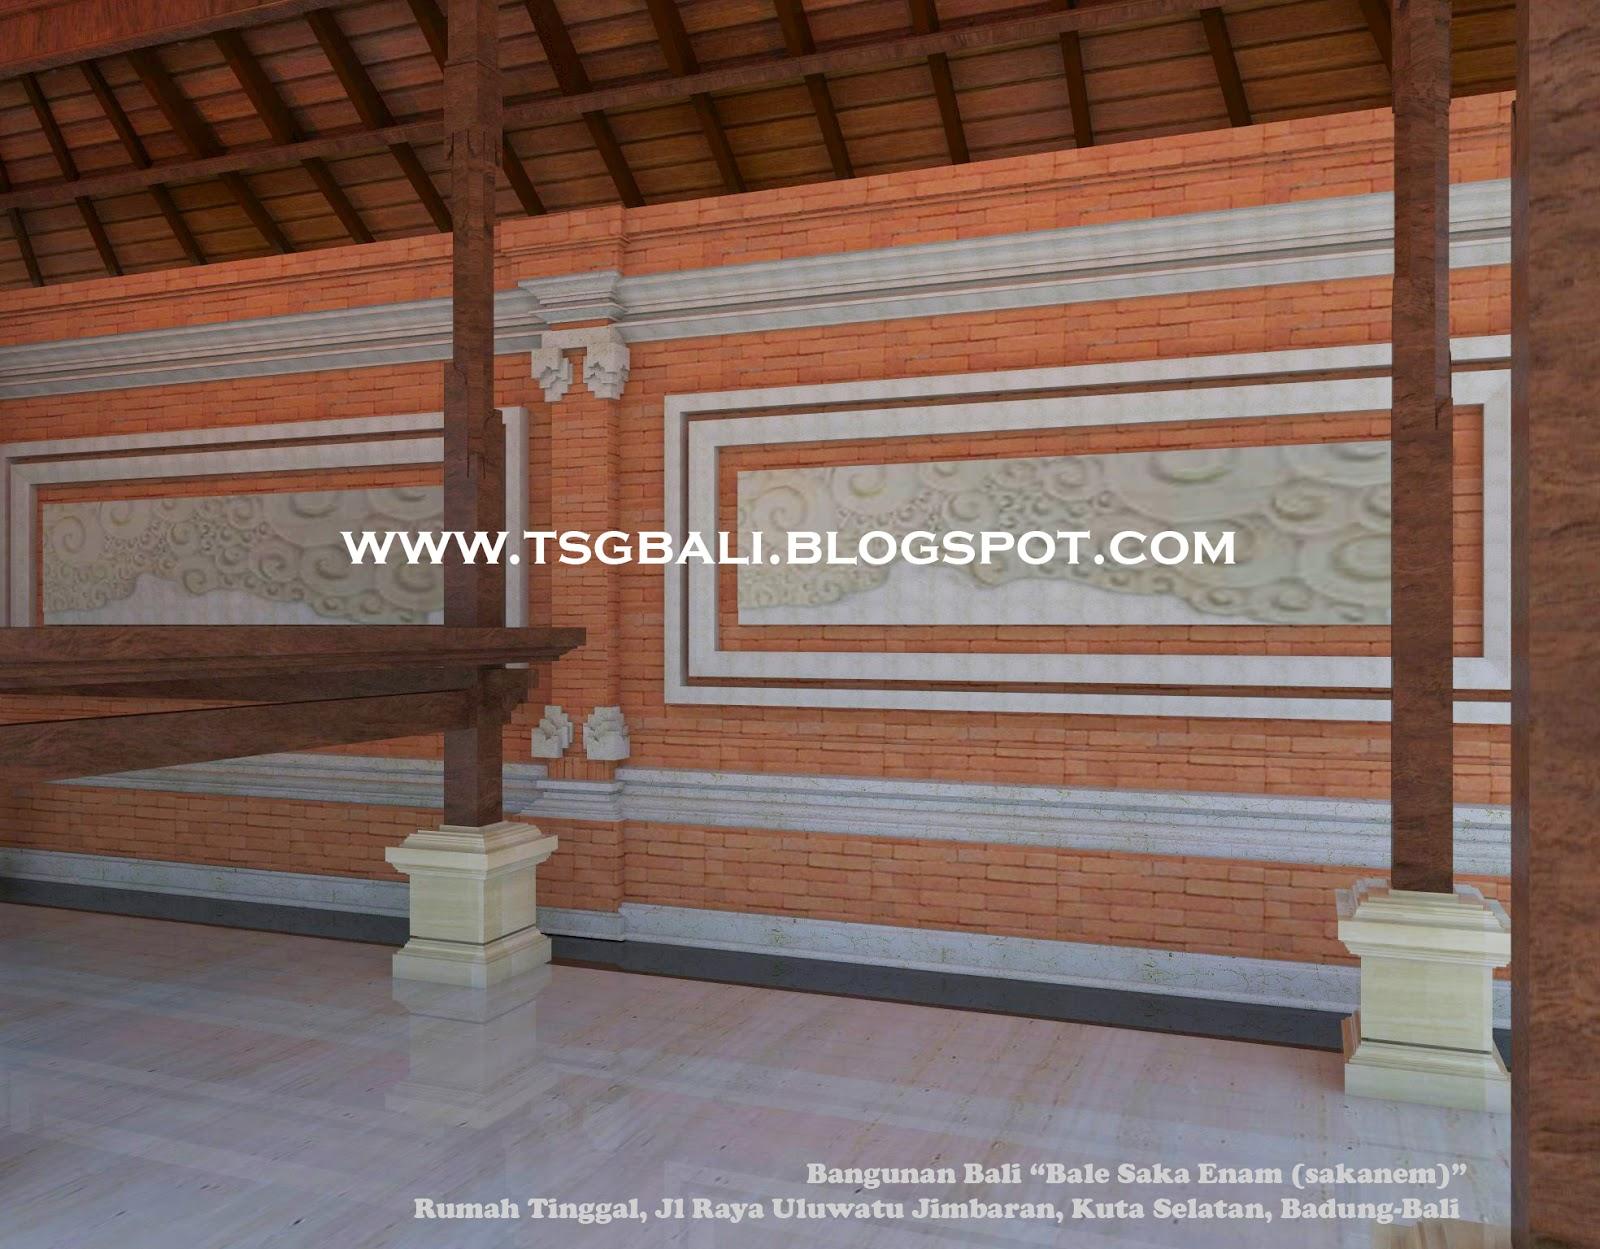 Desain Rumah Bale Bali Bangunan Sakanem Arsitektur Modern Denah Adat